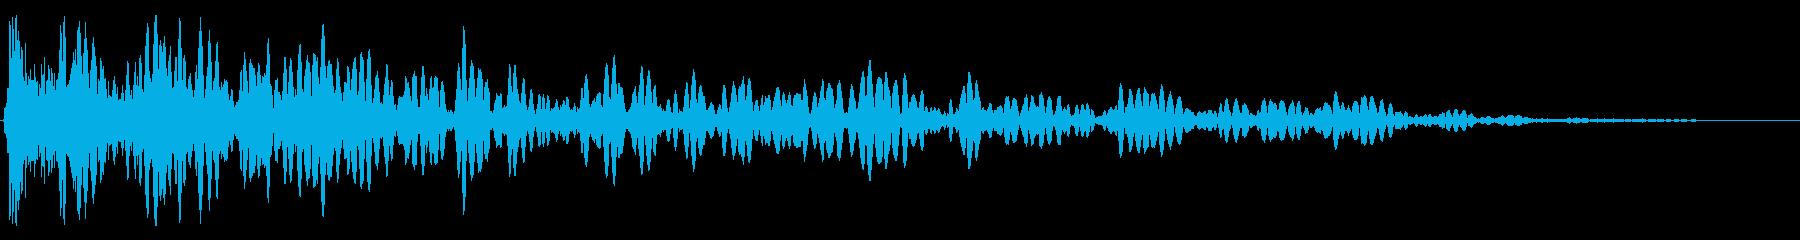 ヘビースペースクルクルエクスプロージョンの再生済みの波形